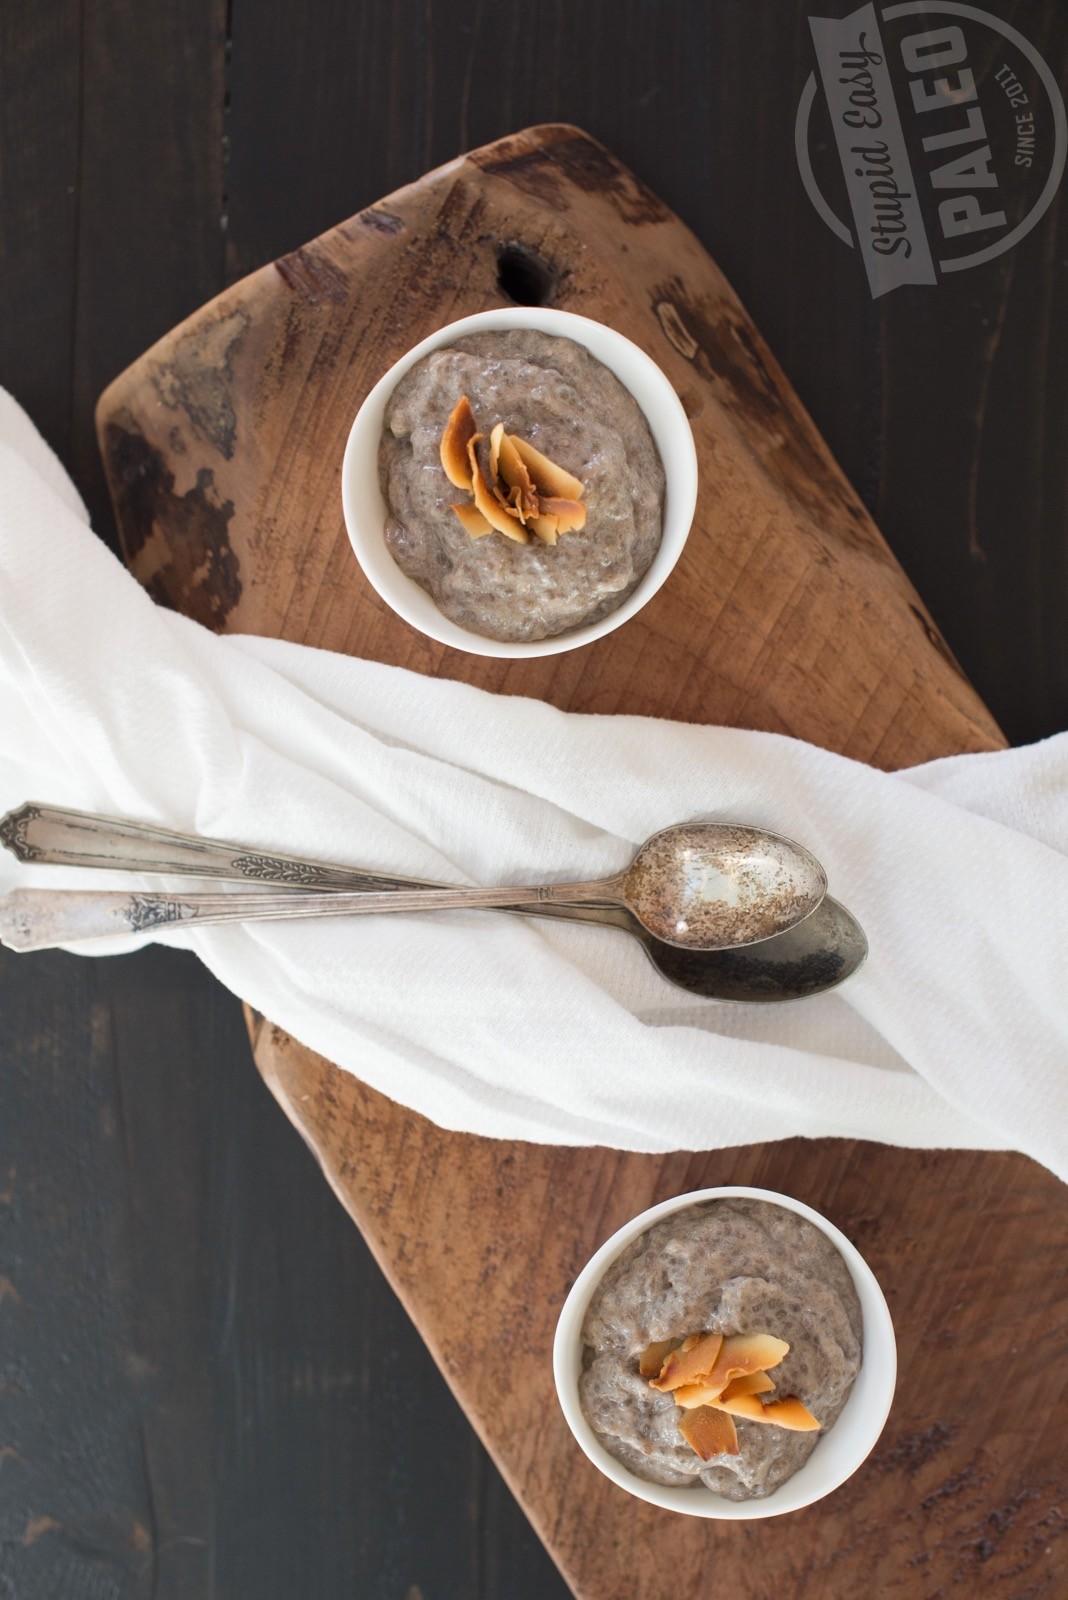 3-Ingredient Banana Chia Pudding Recipe | stephgaudreau.com